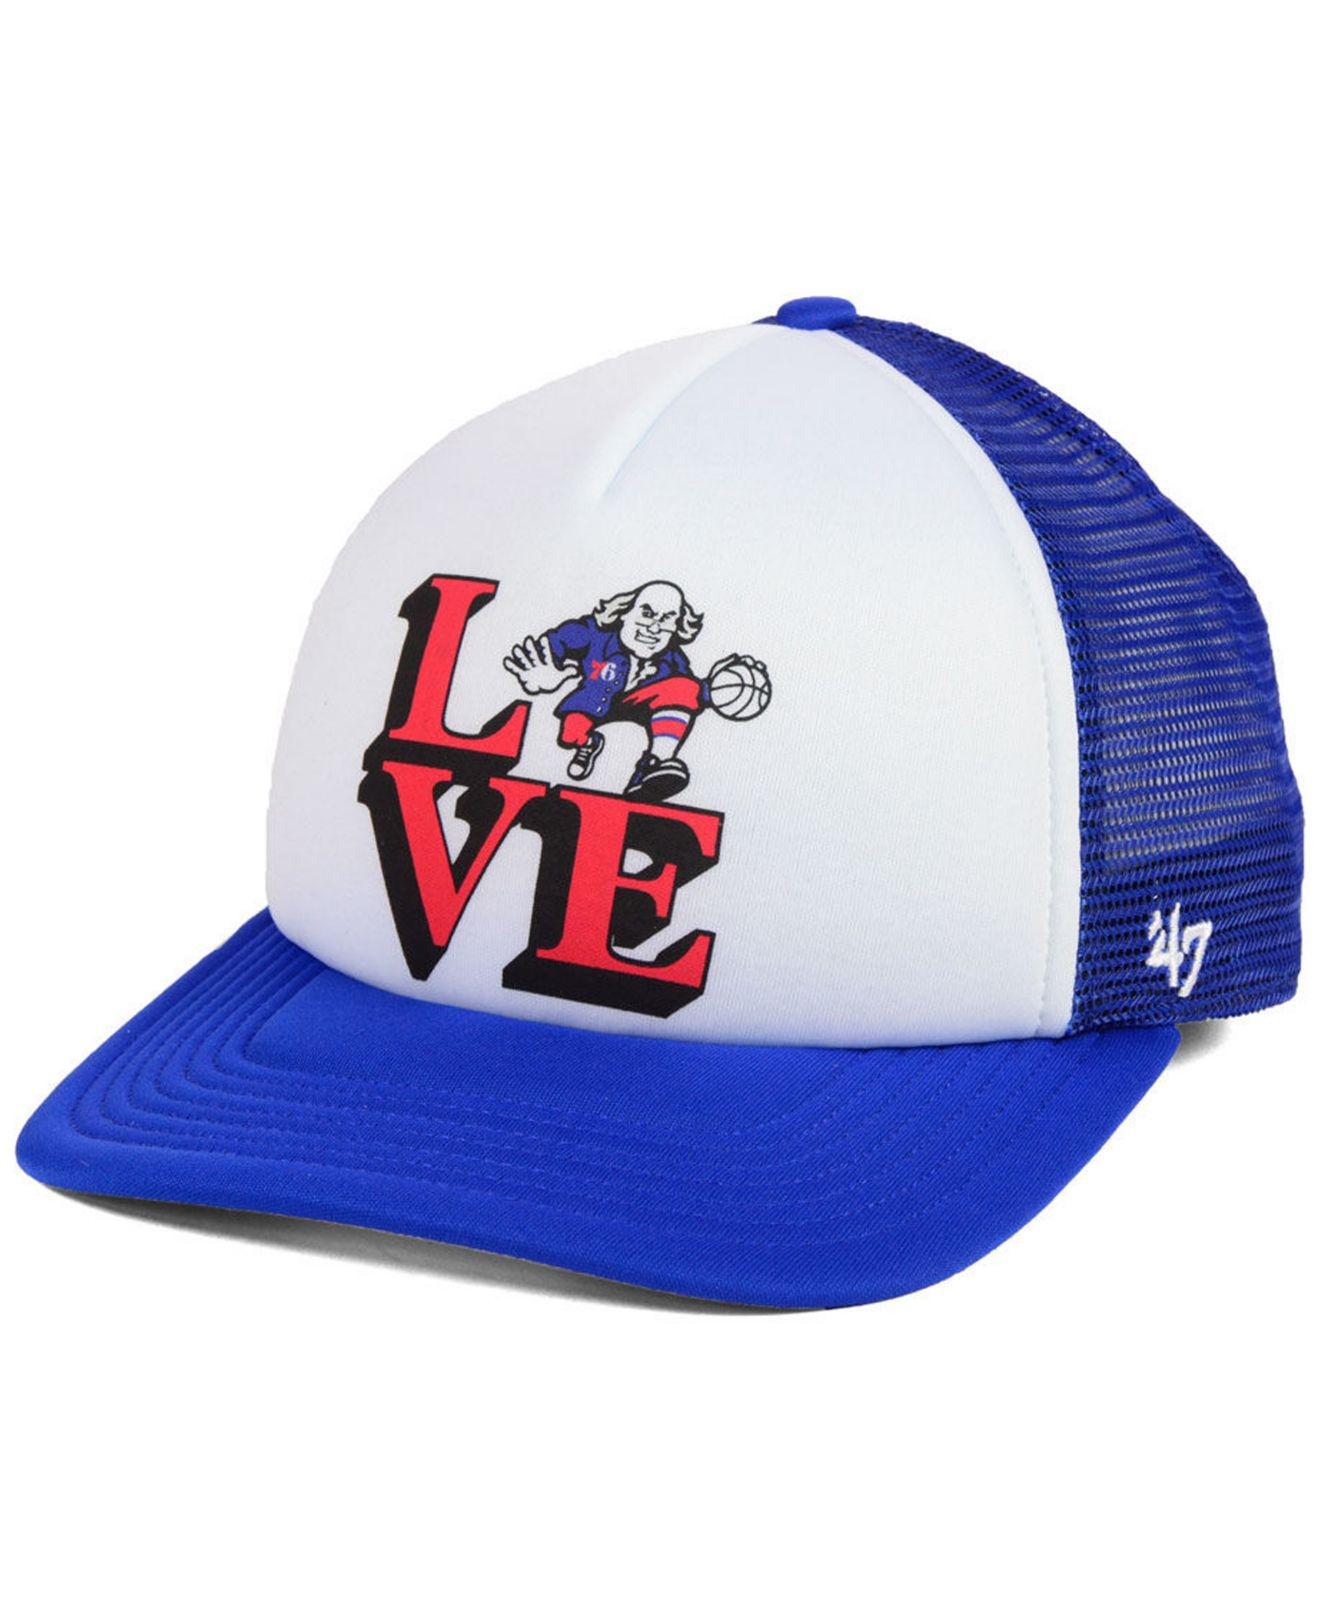 Lyst - 47 Brand Philadelphia 76ers Region Mesh Mvp Cap in Blue for Men 64fc9c1ce9fb